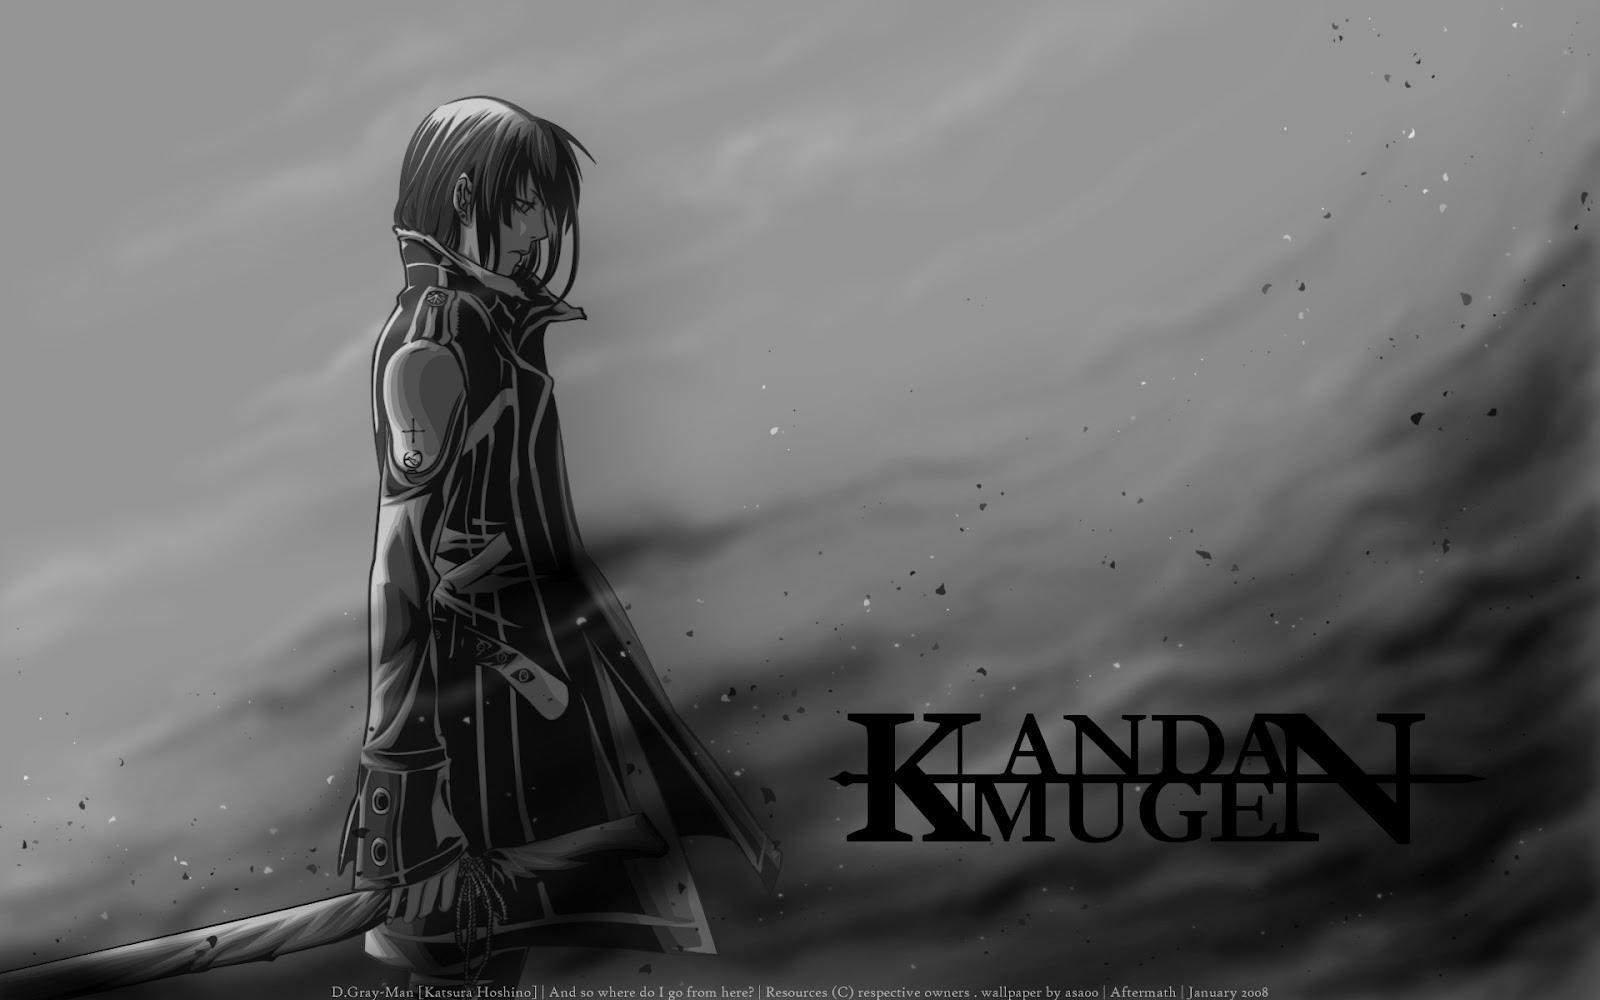 http://3.bp.blogspot.com/-C57kMHnSscs/T5xha51EGGI/AAAAAAAAAW8/CoafOJZ_a70/s1600/Konachan.com+-+33984+d.gray-man+kanda_yuu+monochrome.jpg